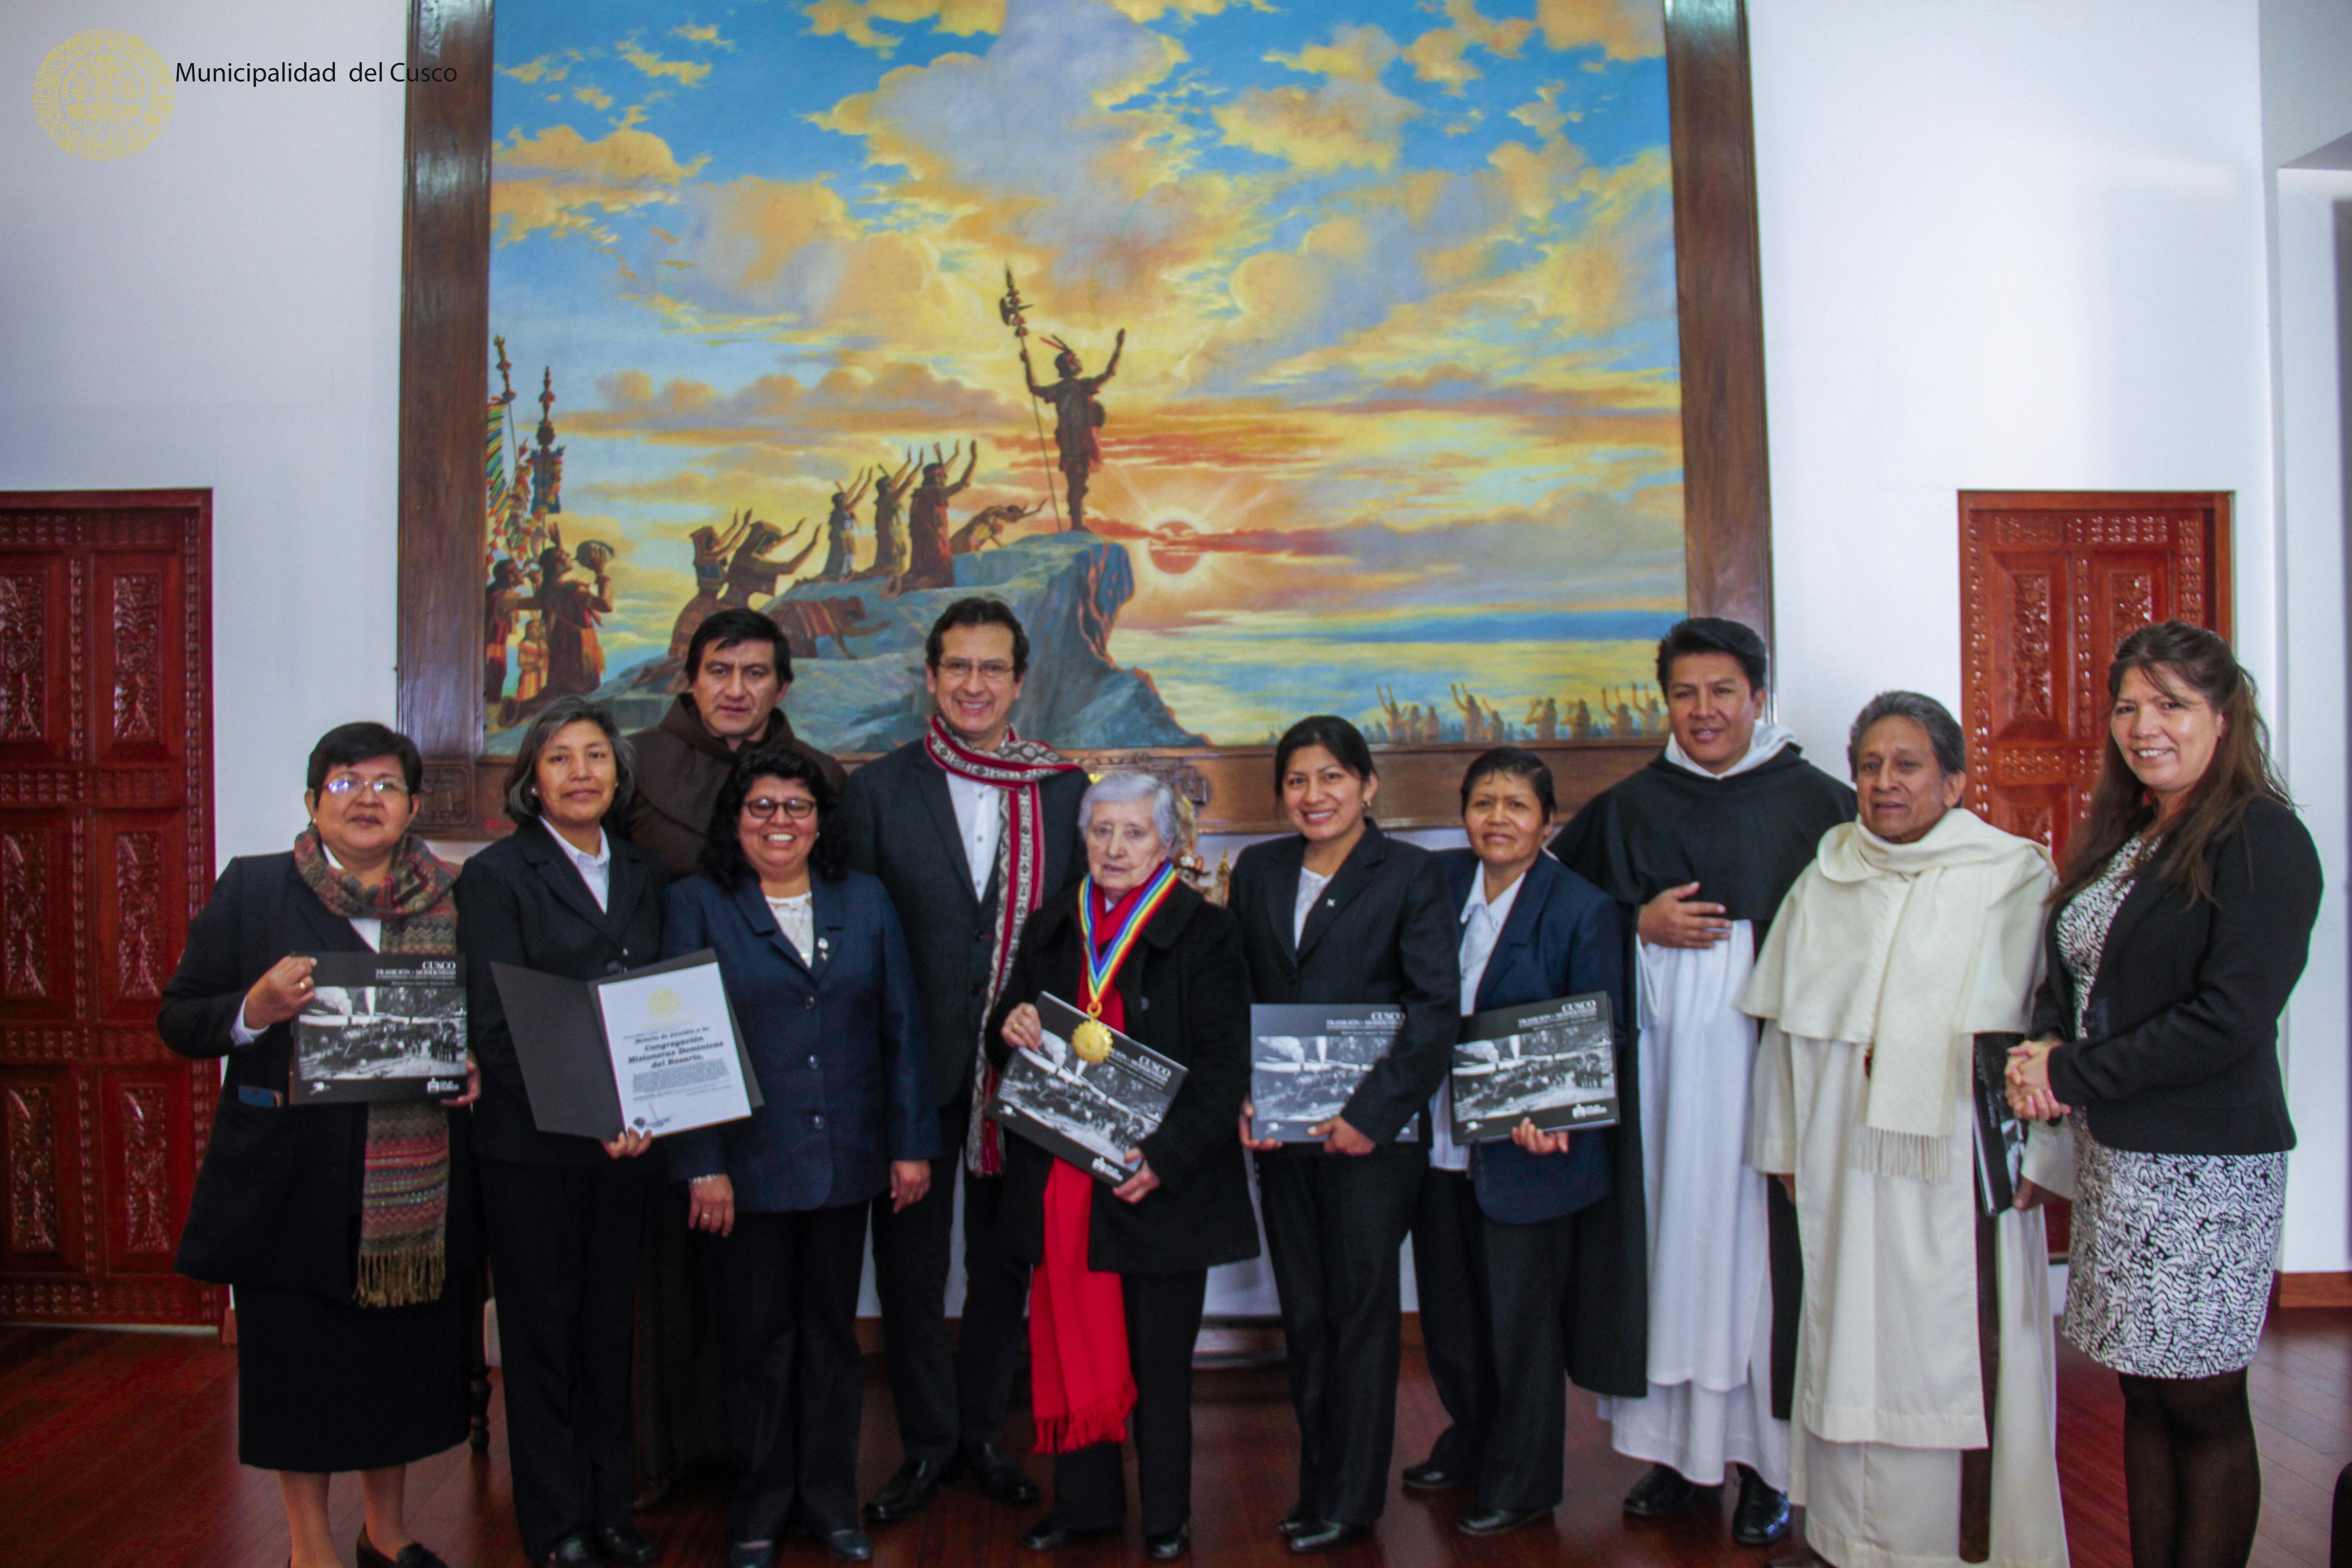 MUNICIPALIDAD DE CUSCO ENTREGÓ MEDALLA DE ALCALDÍA A LA CONGREGACIÓN DE LAS HERMANAS DOMINICAS DEL ROSARIO